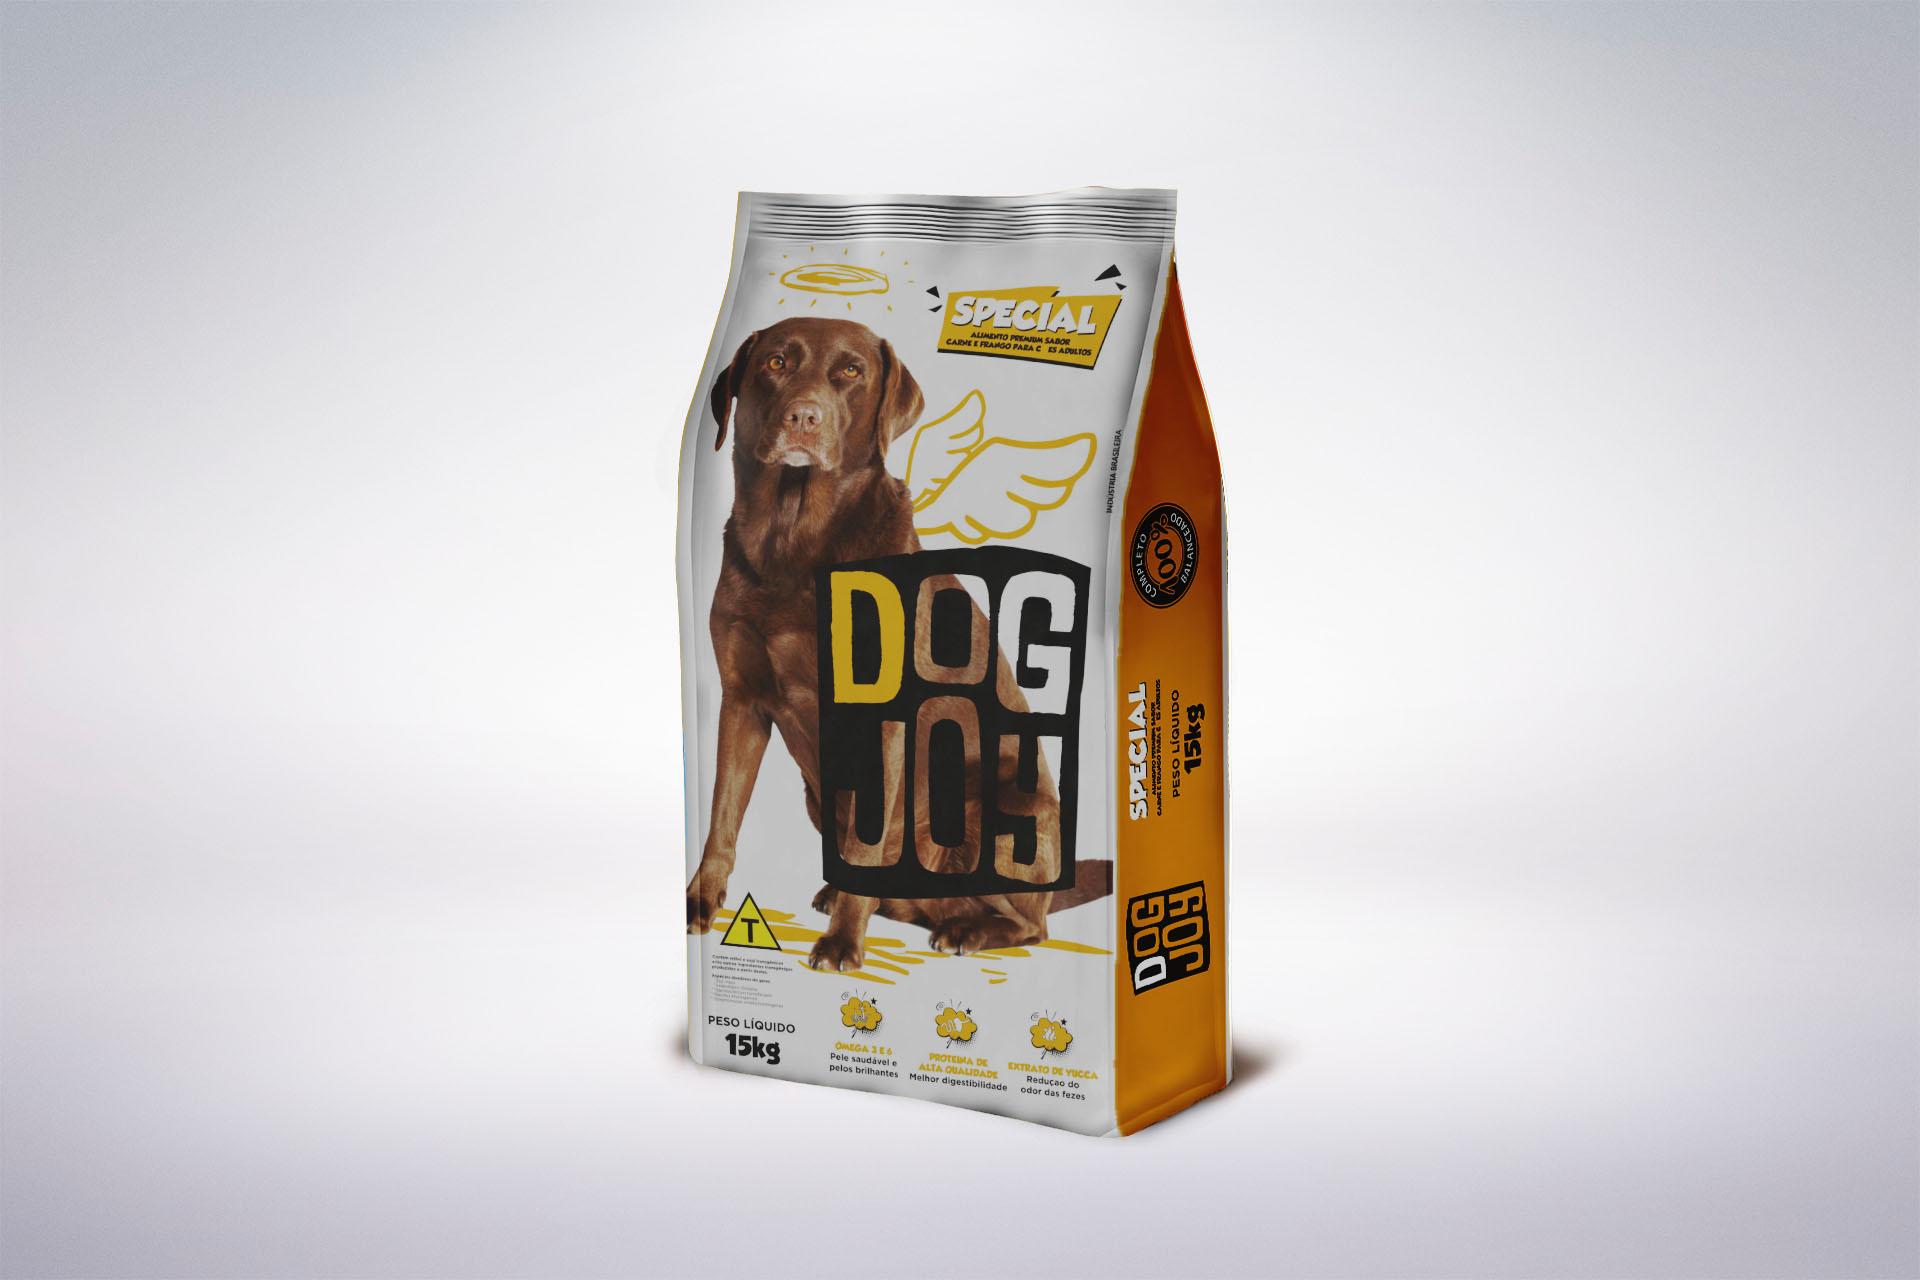 DOG JOY MOCKUP